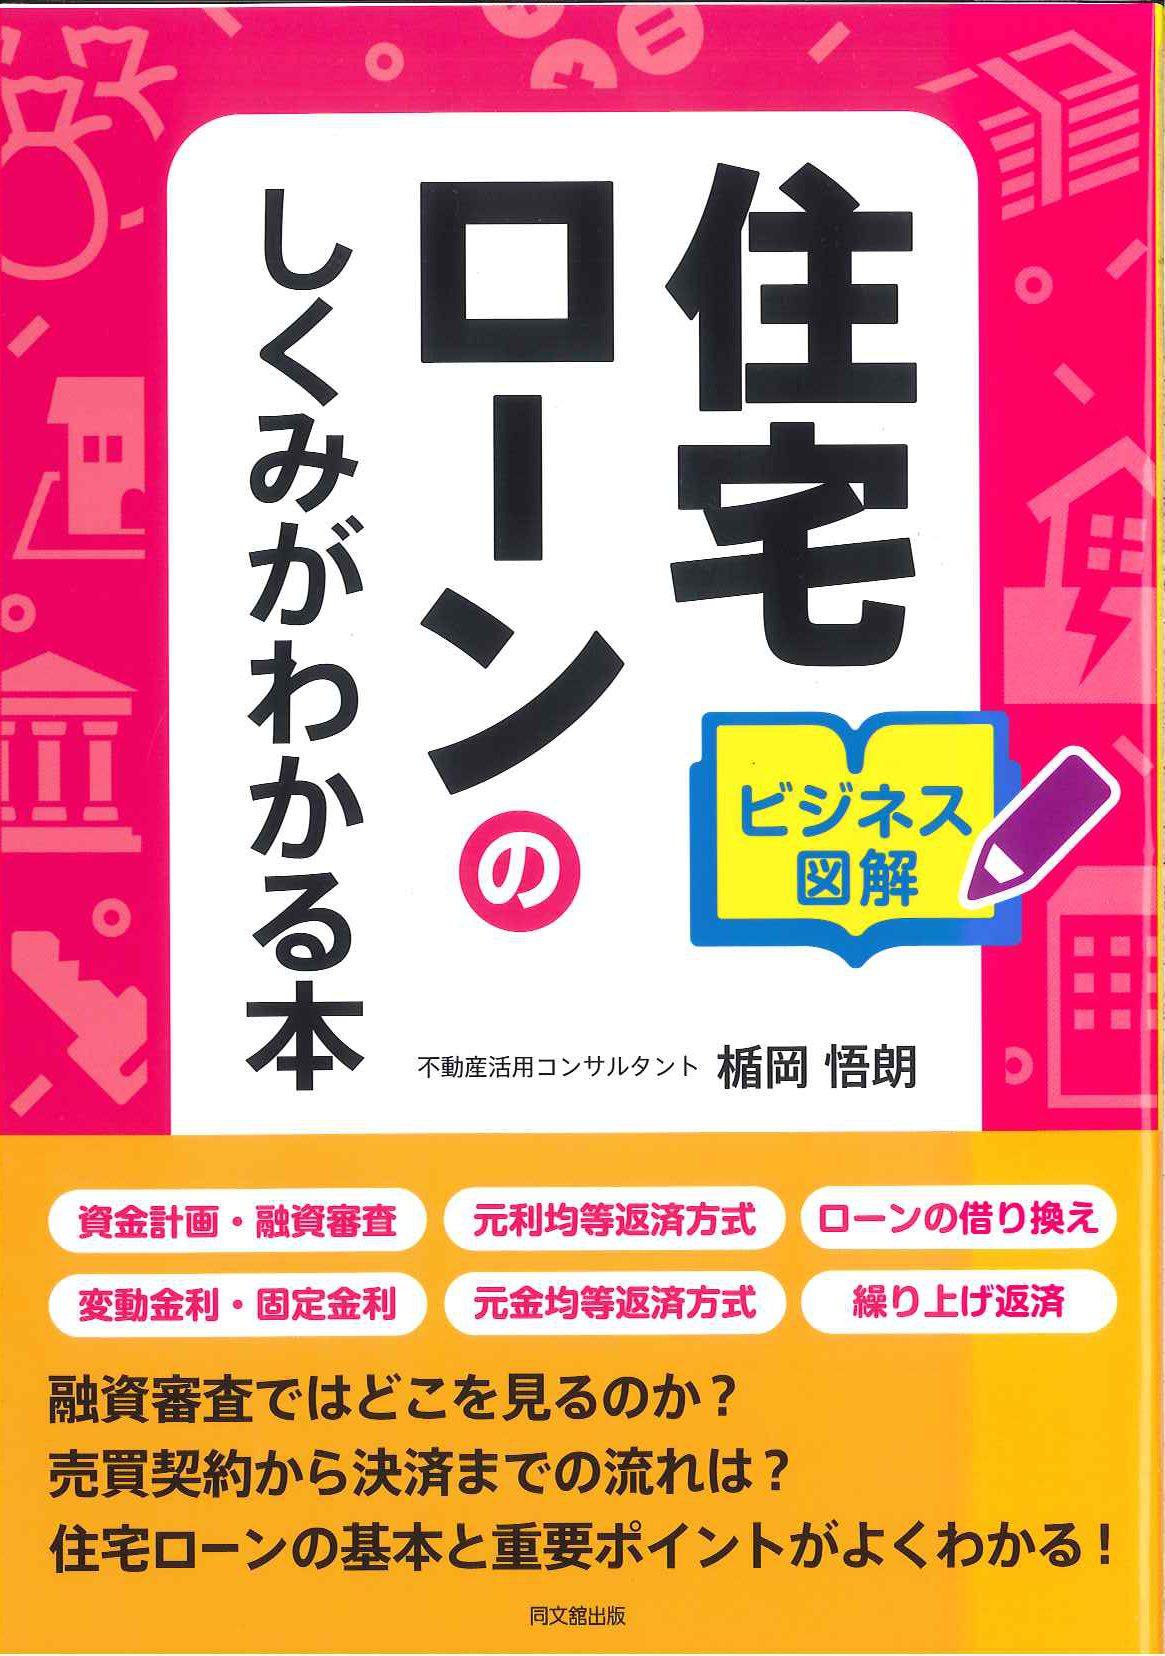 5/16 新刊「住宅ローンのしくみがわかる本」発売です!!